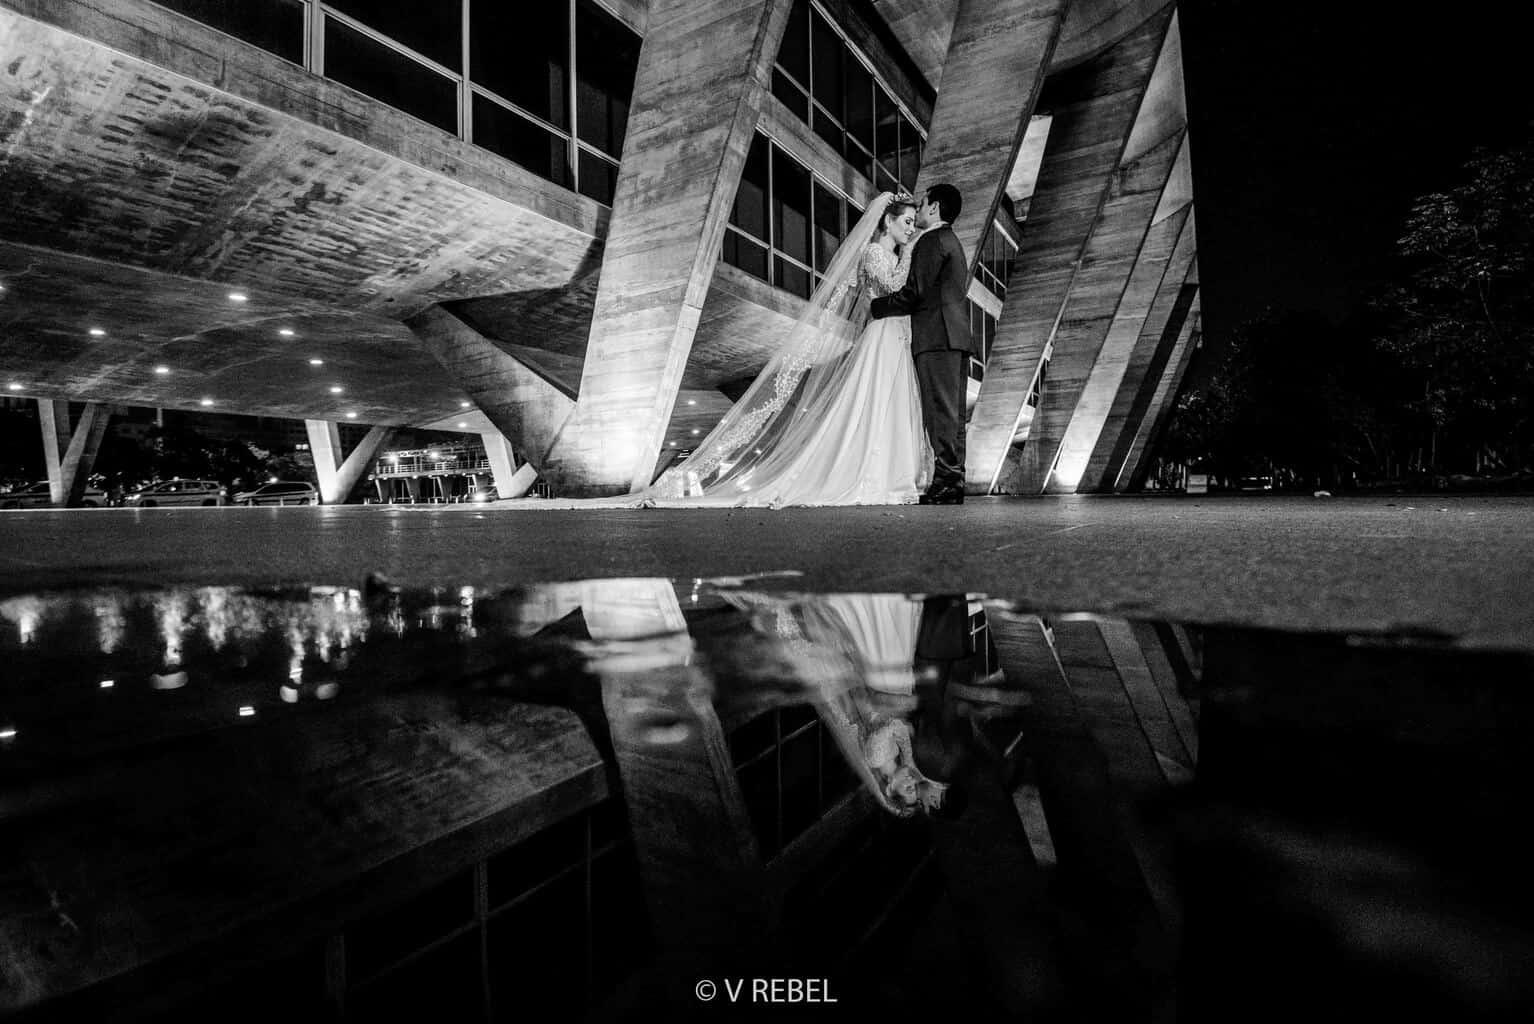 casamento-Caroline-e-Breno-casamento-clássico-foto-do-casal-fotografia-VRebel64